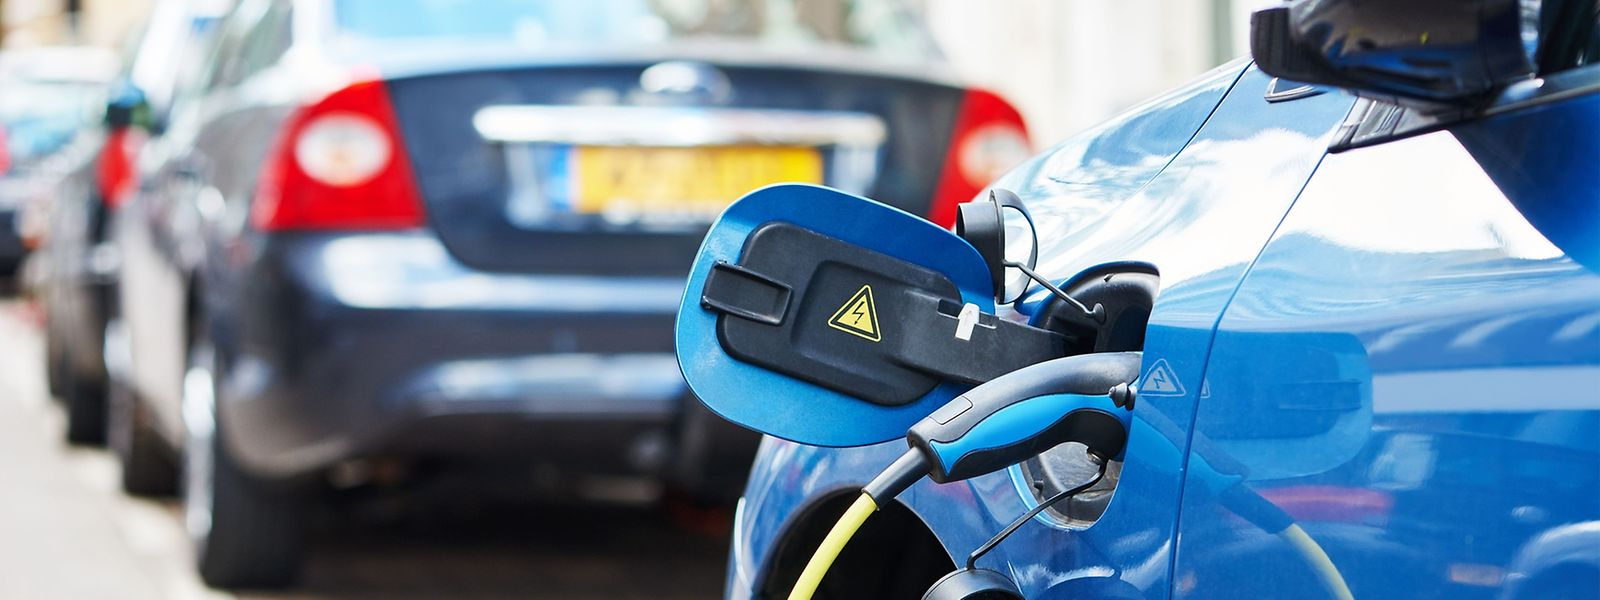 Einen nach wie vor geringen Anteil haben in Luxemburg vollelektrische und hybride Fahrzeuge.